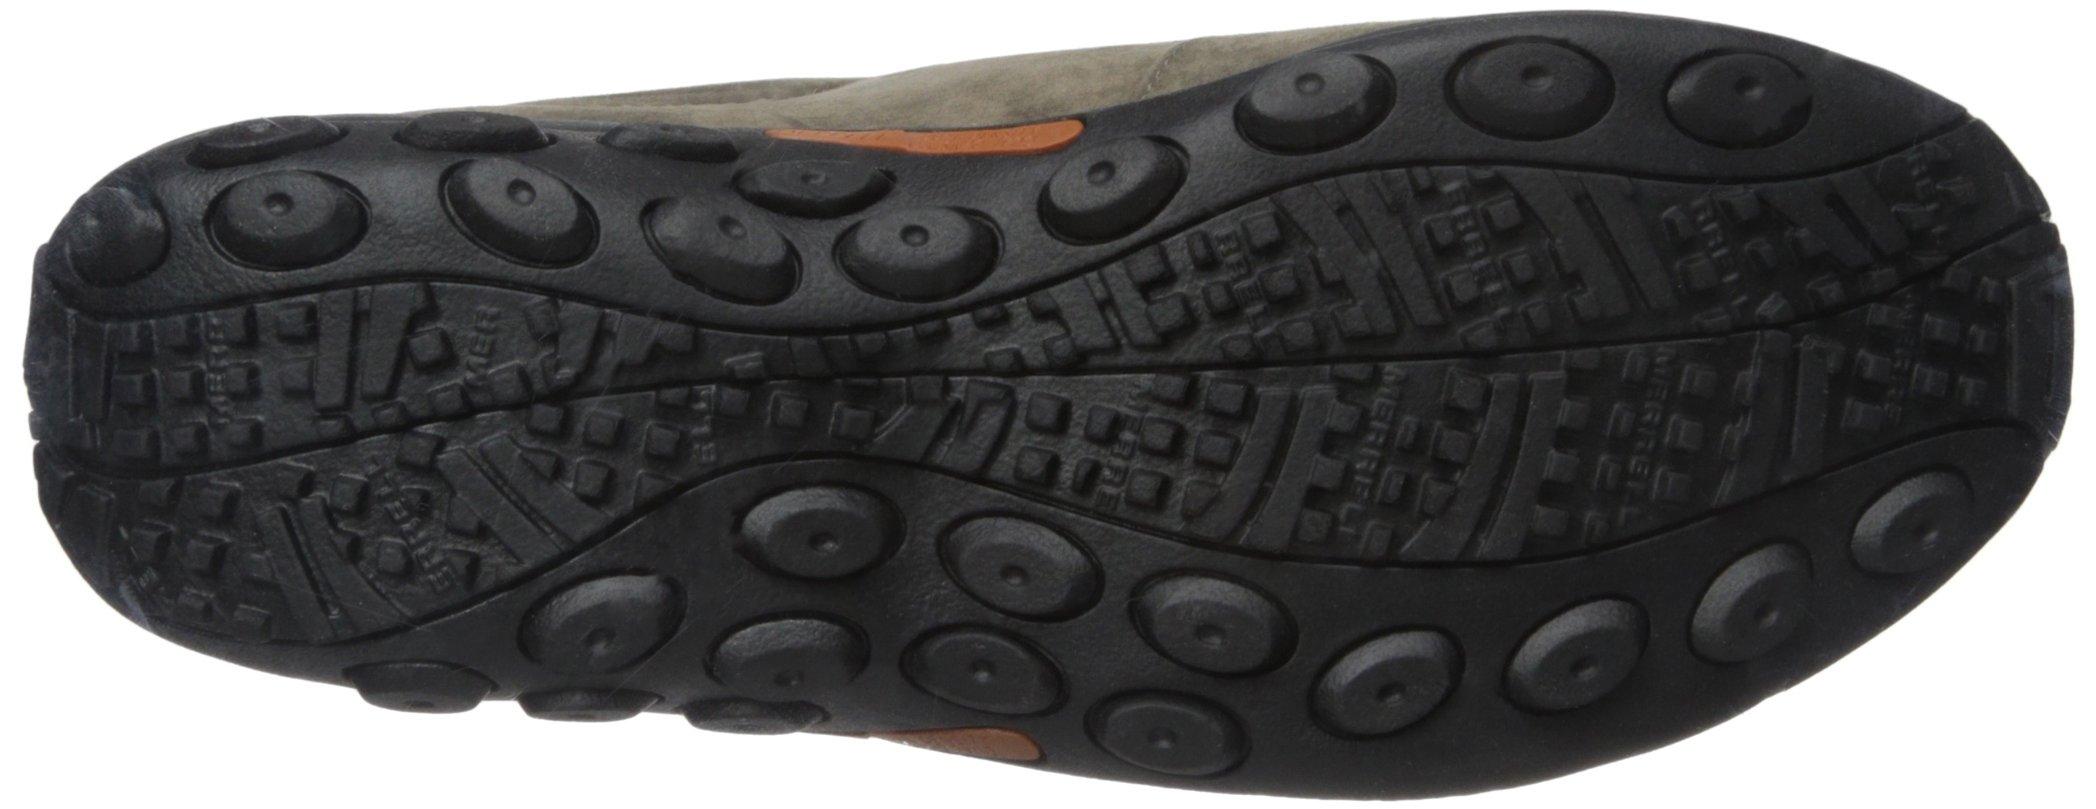 Merrell Men's Jungle Moc Slip-On Shoe,Gunsmoke,11 M US by Merrell (Image #3)